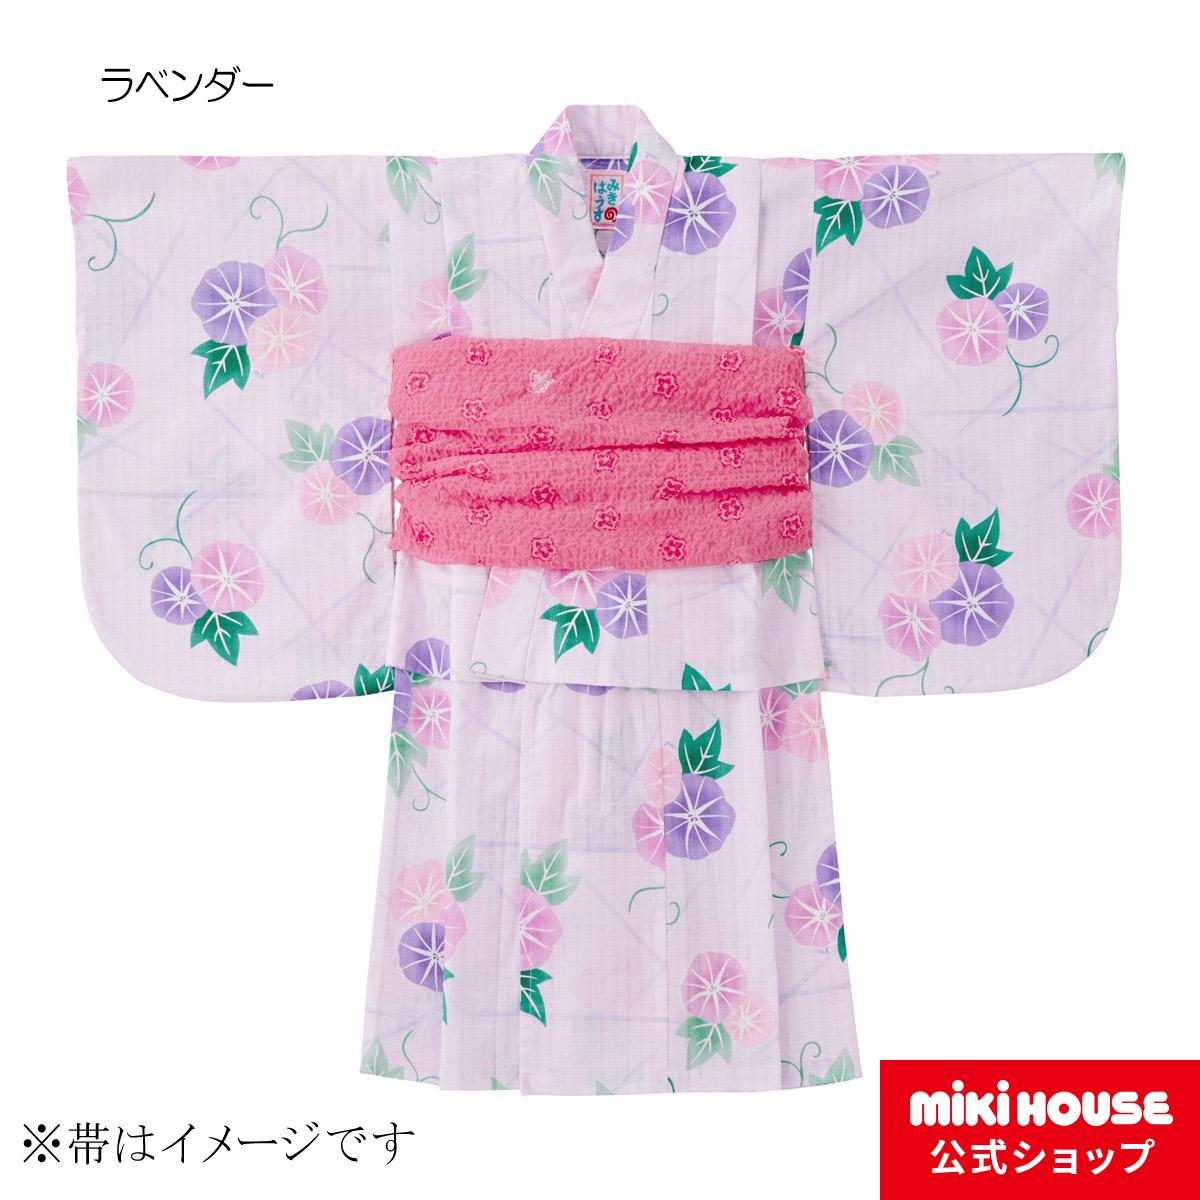 ミキハウス mikihouse あさがお柄浴衣(女児用)〈130cm(120cm-130cm)〉 バーゲン